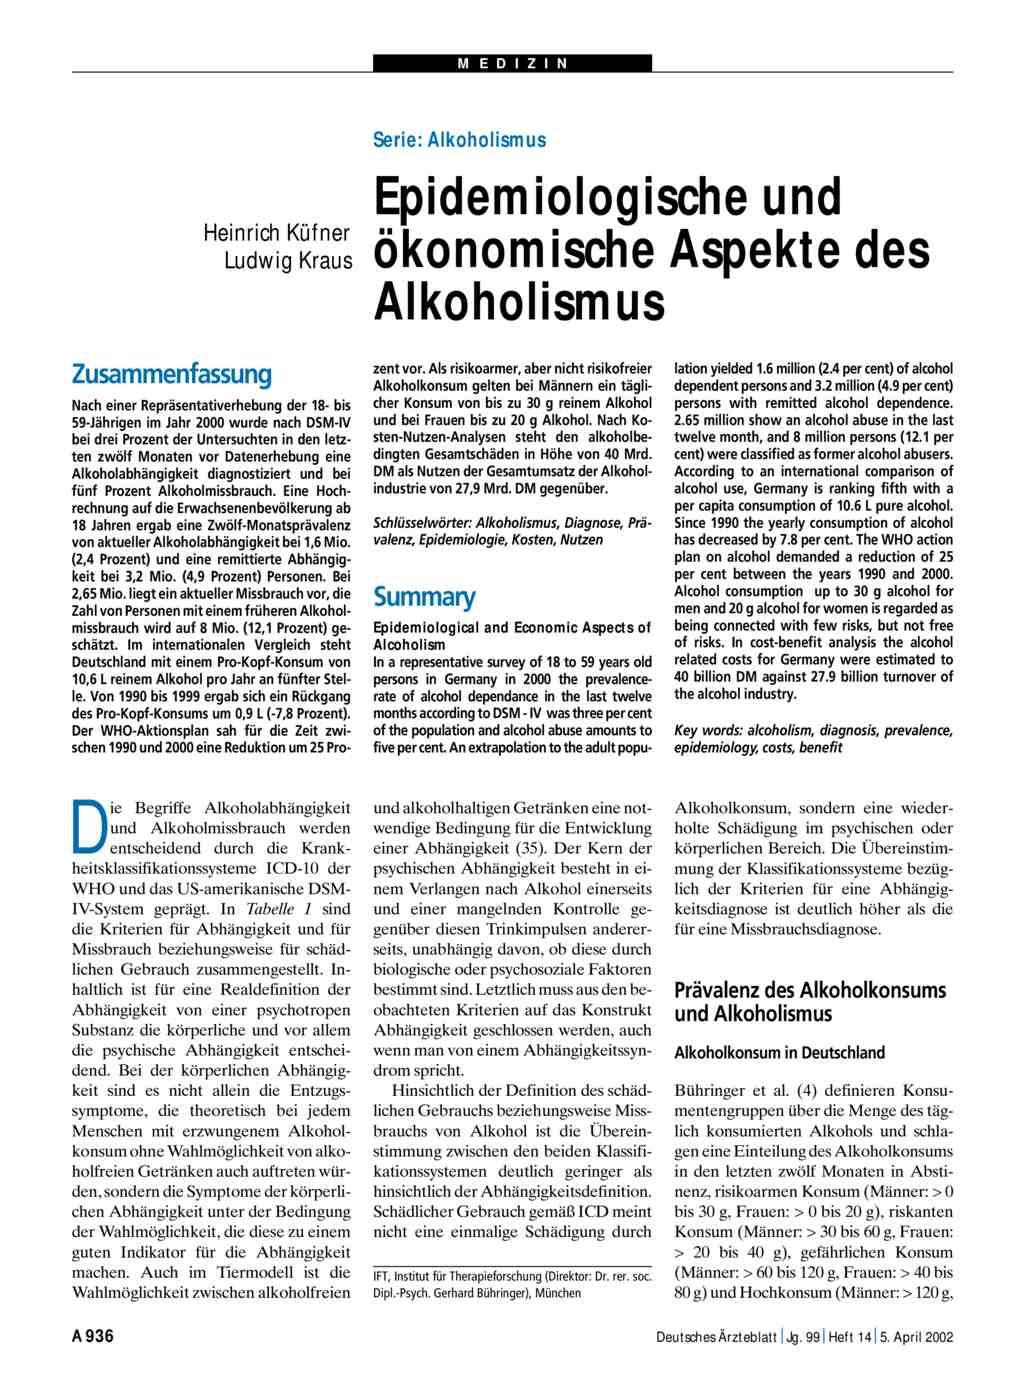 Serie: Alkoholismus - Epidemiologische und ökonomische Aspekte des ...